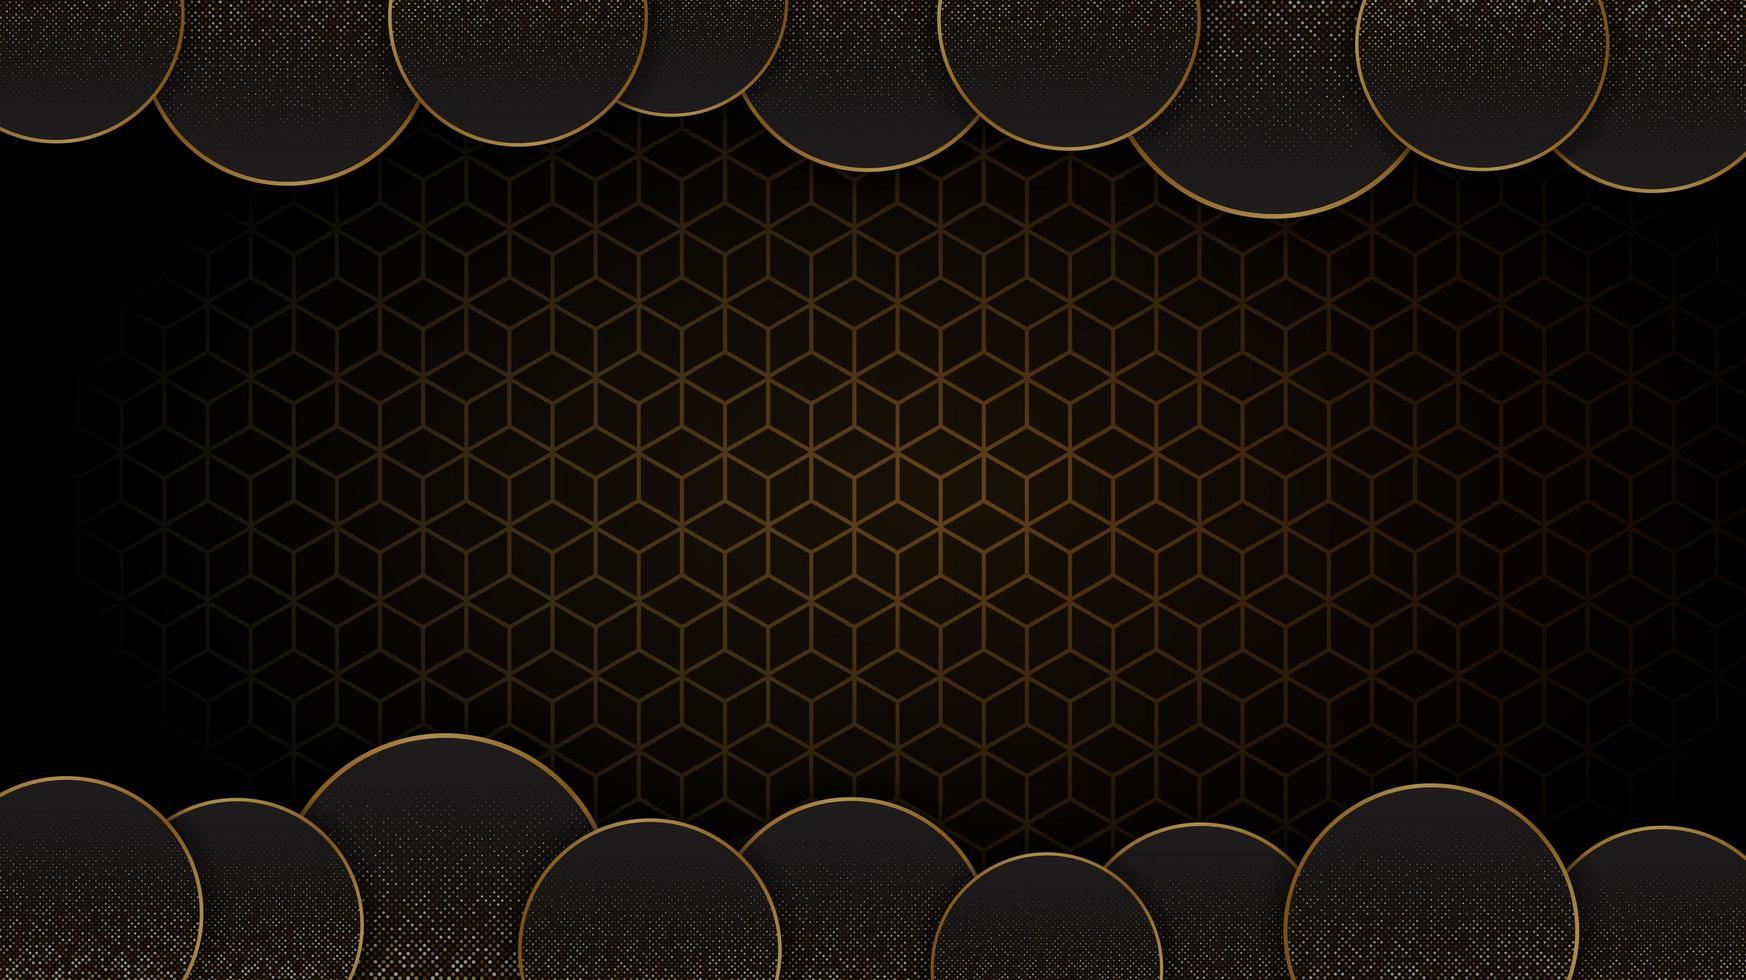 zwarte en gouden cirkel abstracte achtergrond vector